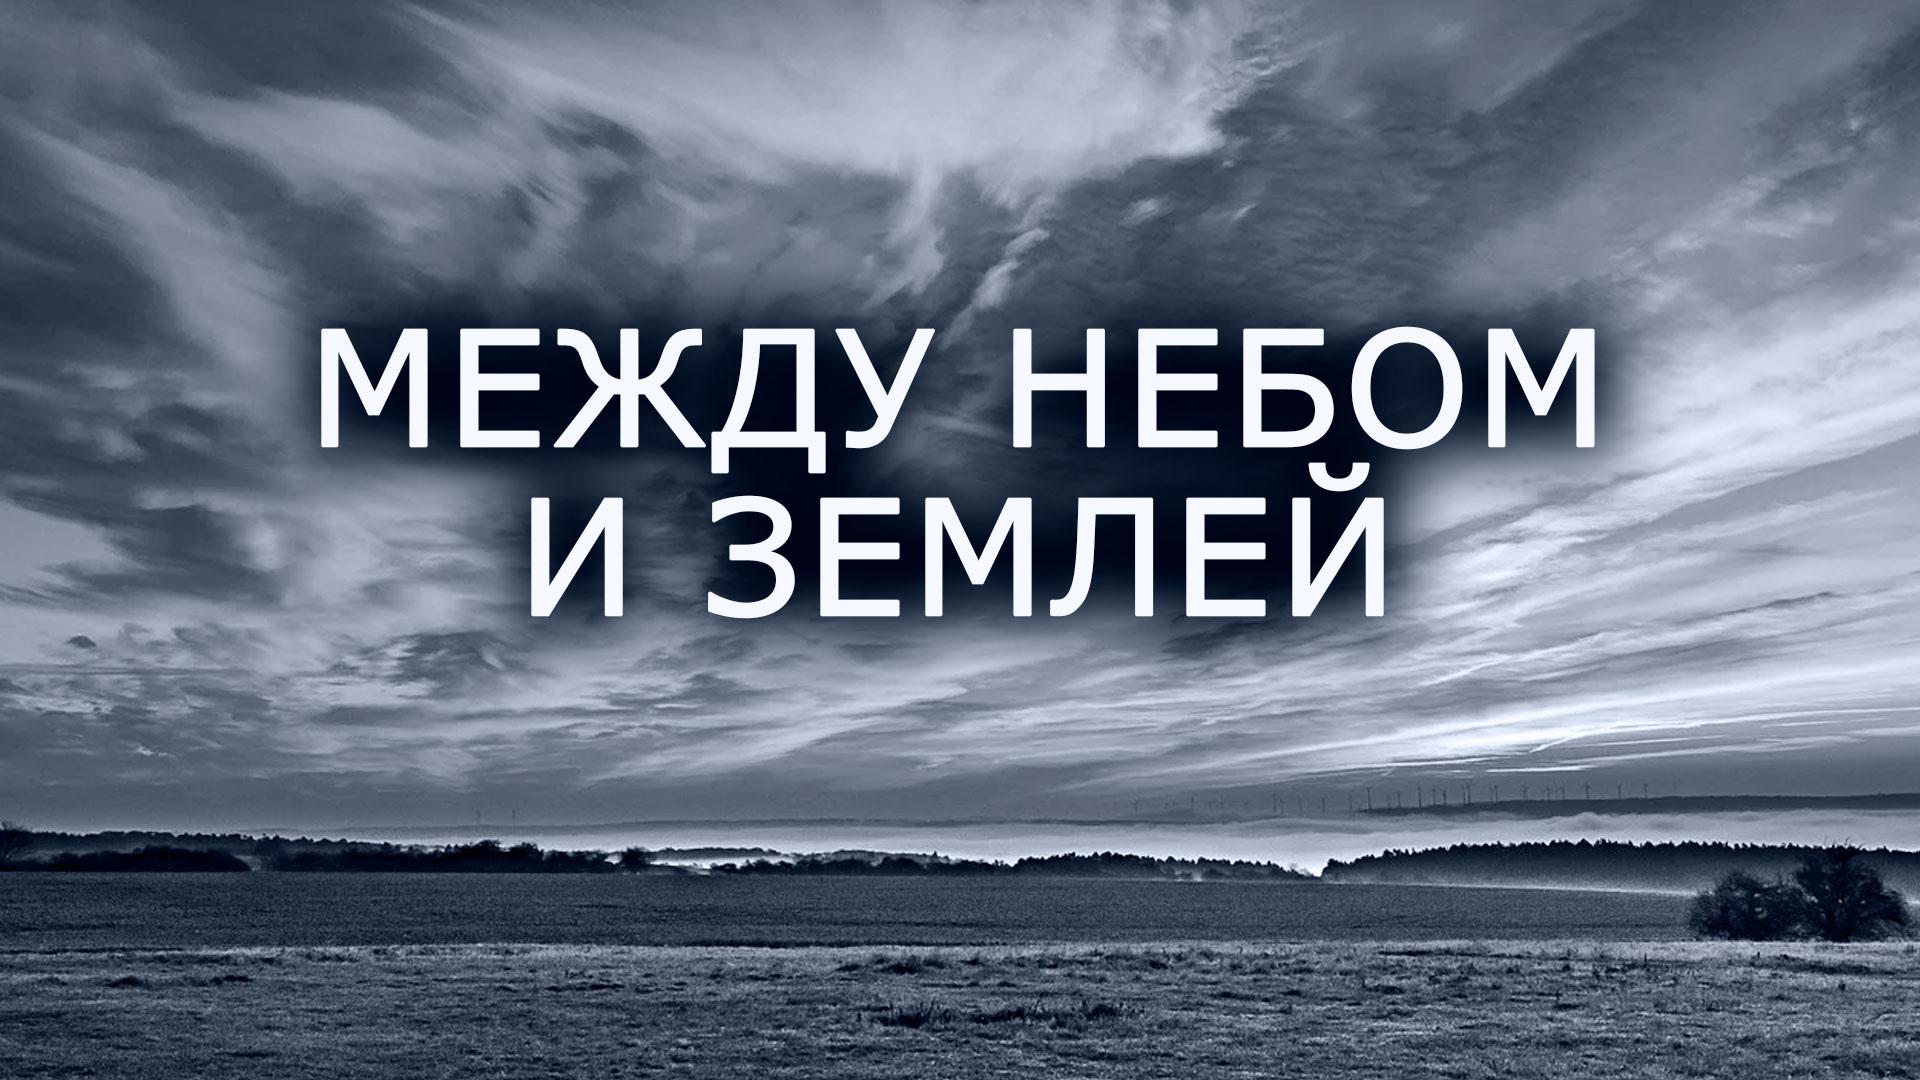 Между небом и землей